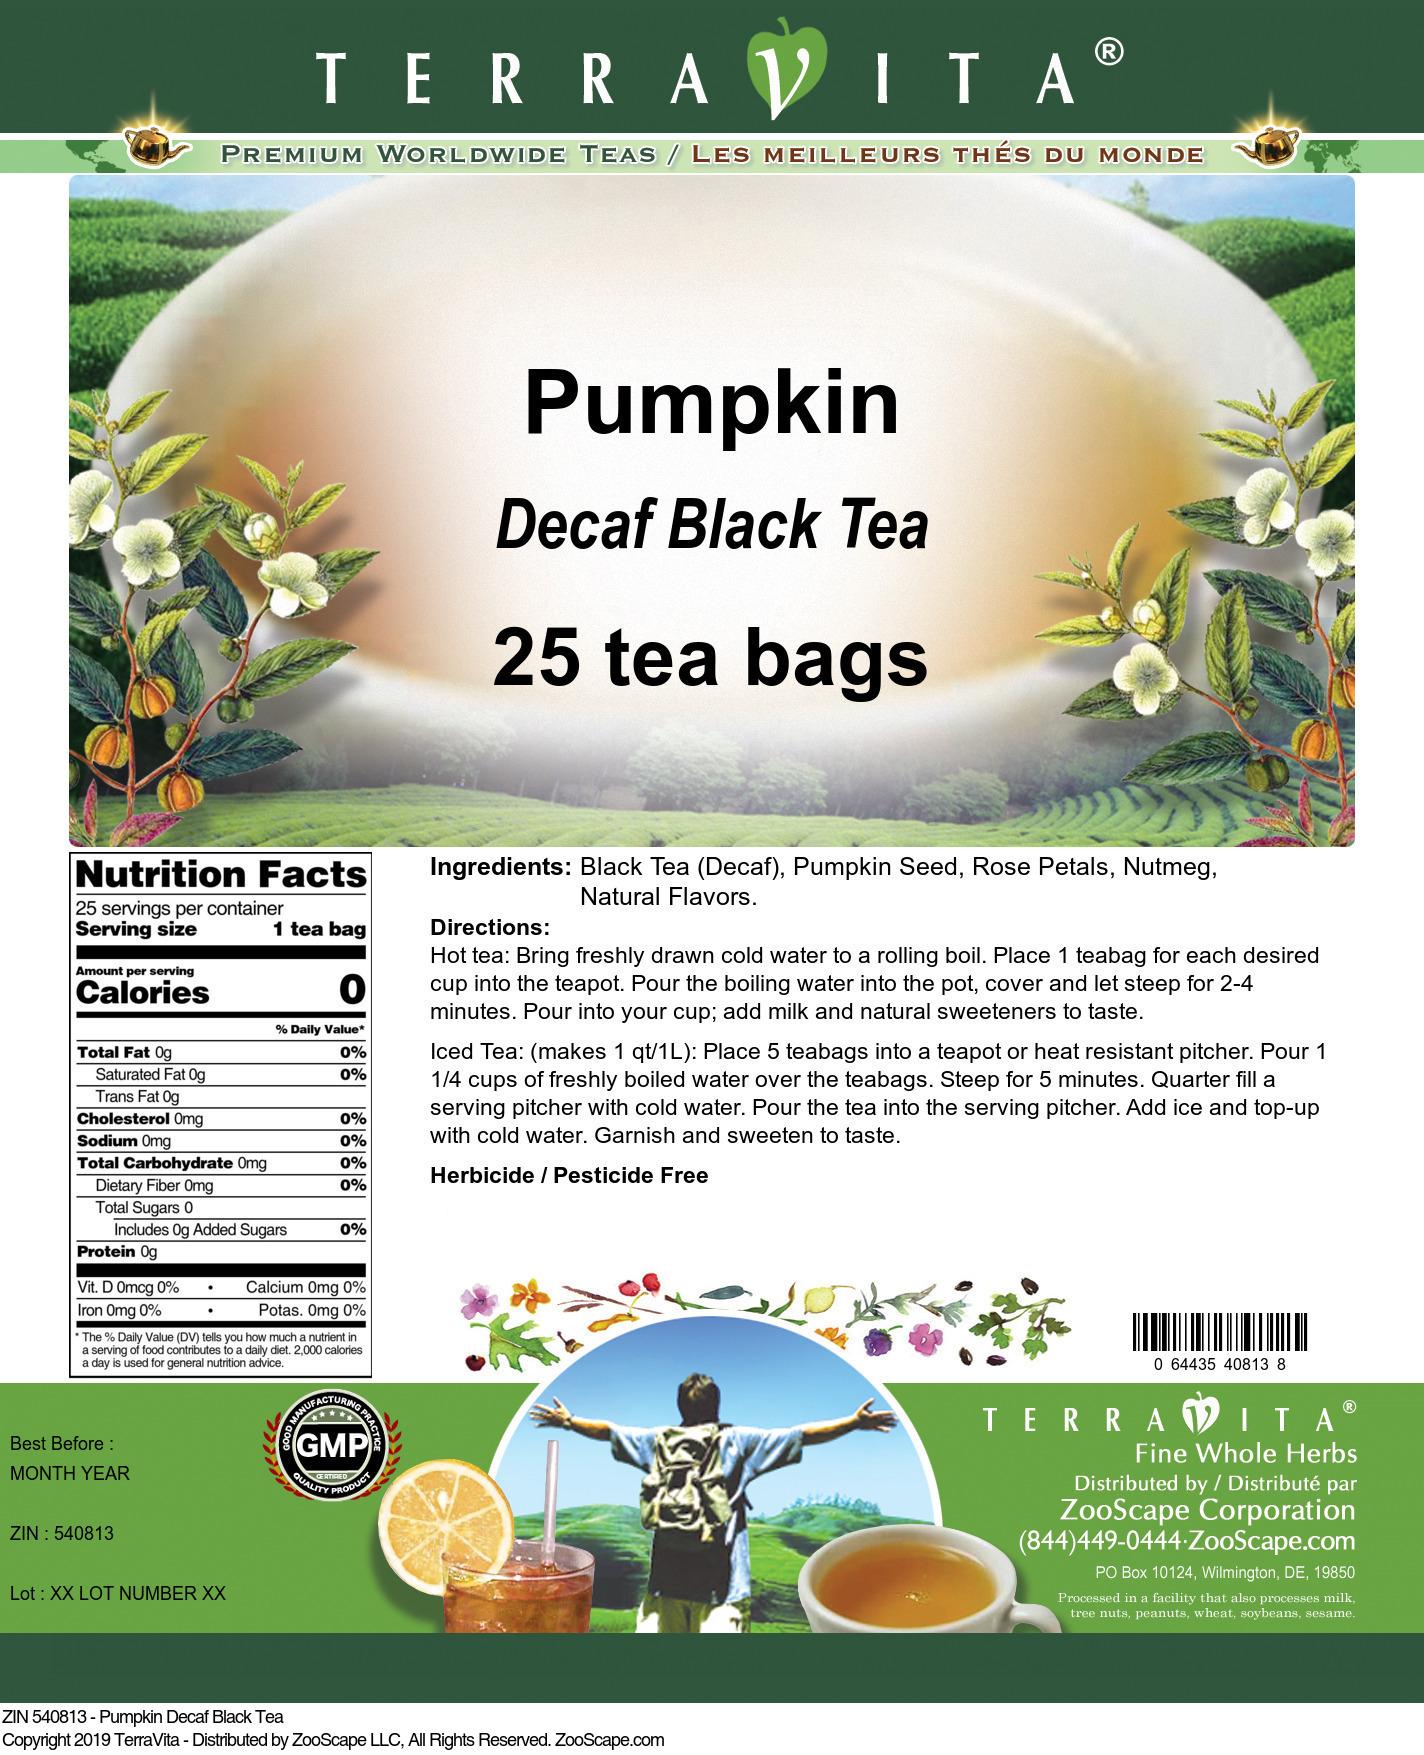 Pumpkin Decaf Black Tea